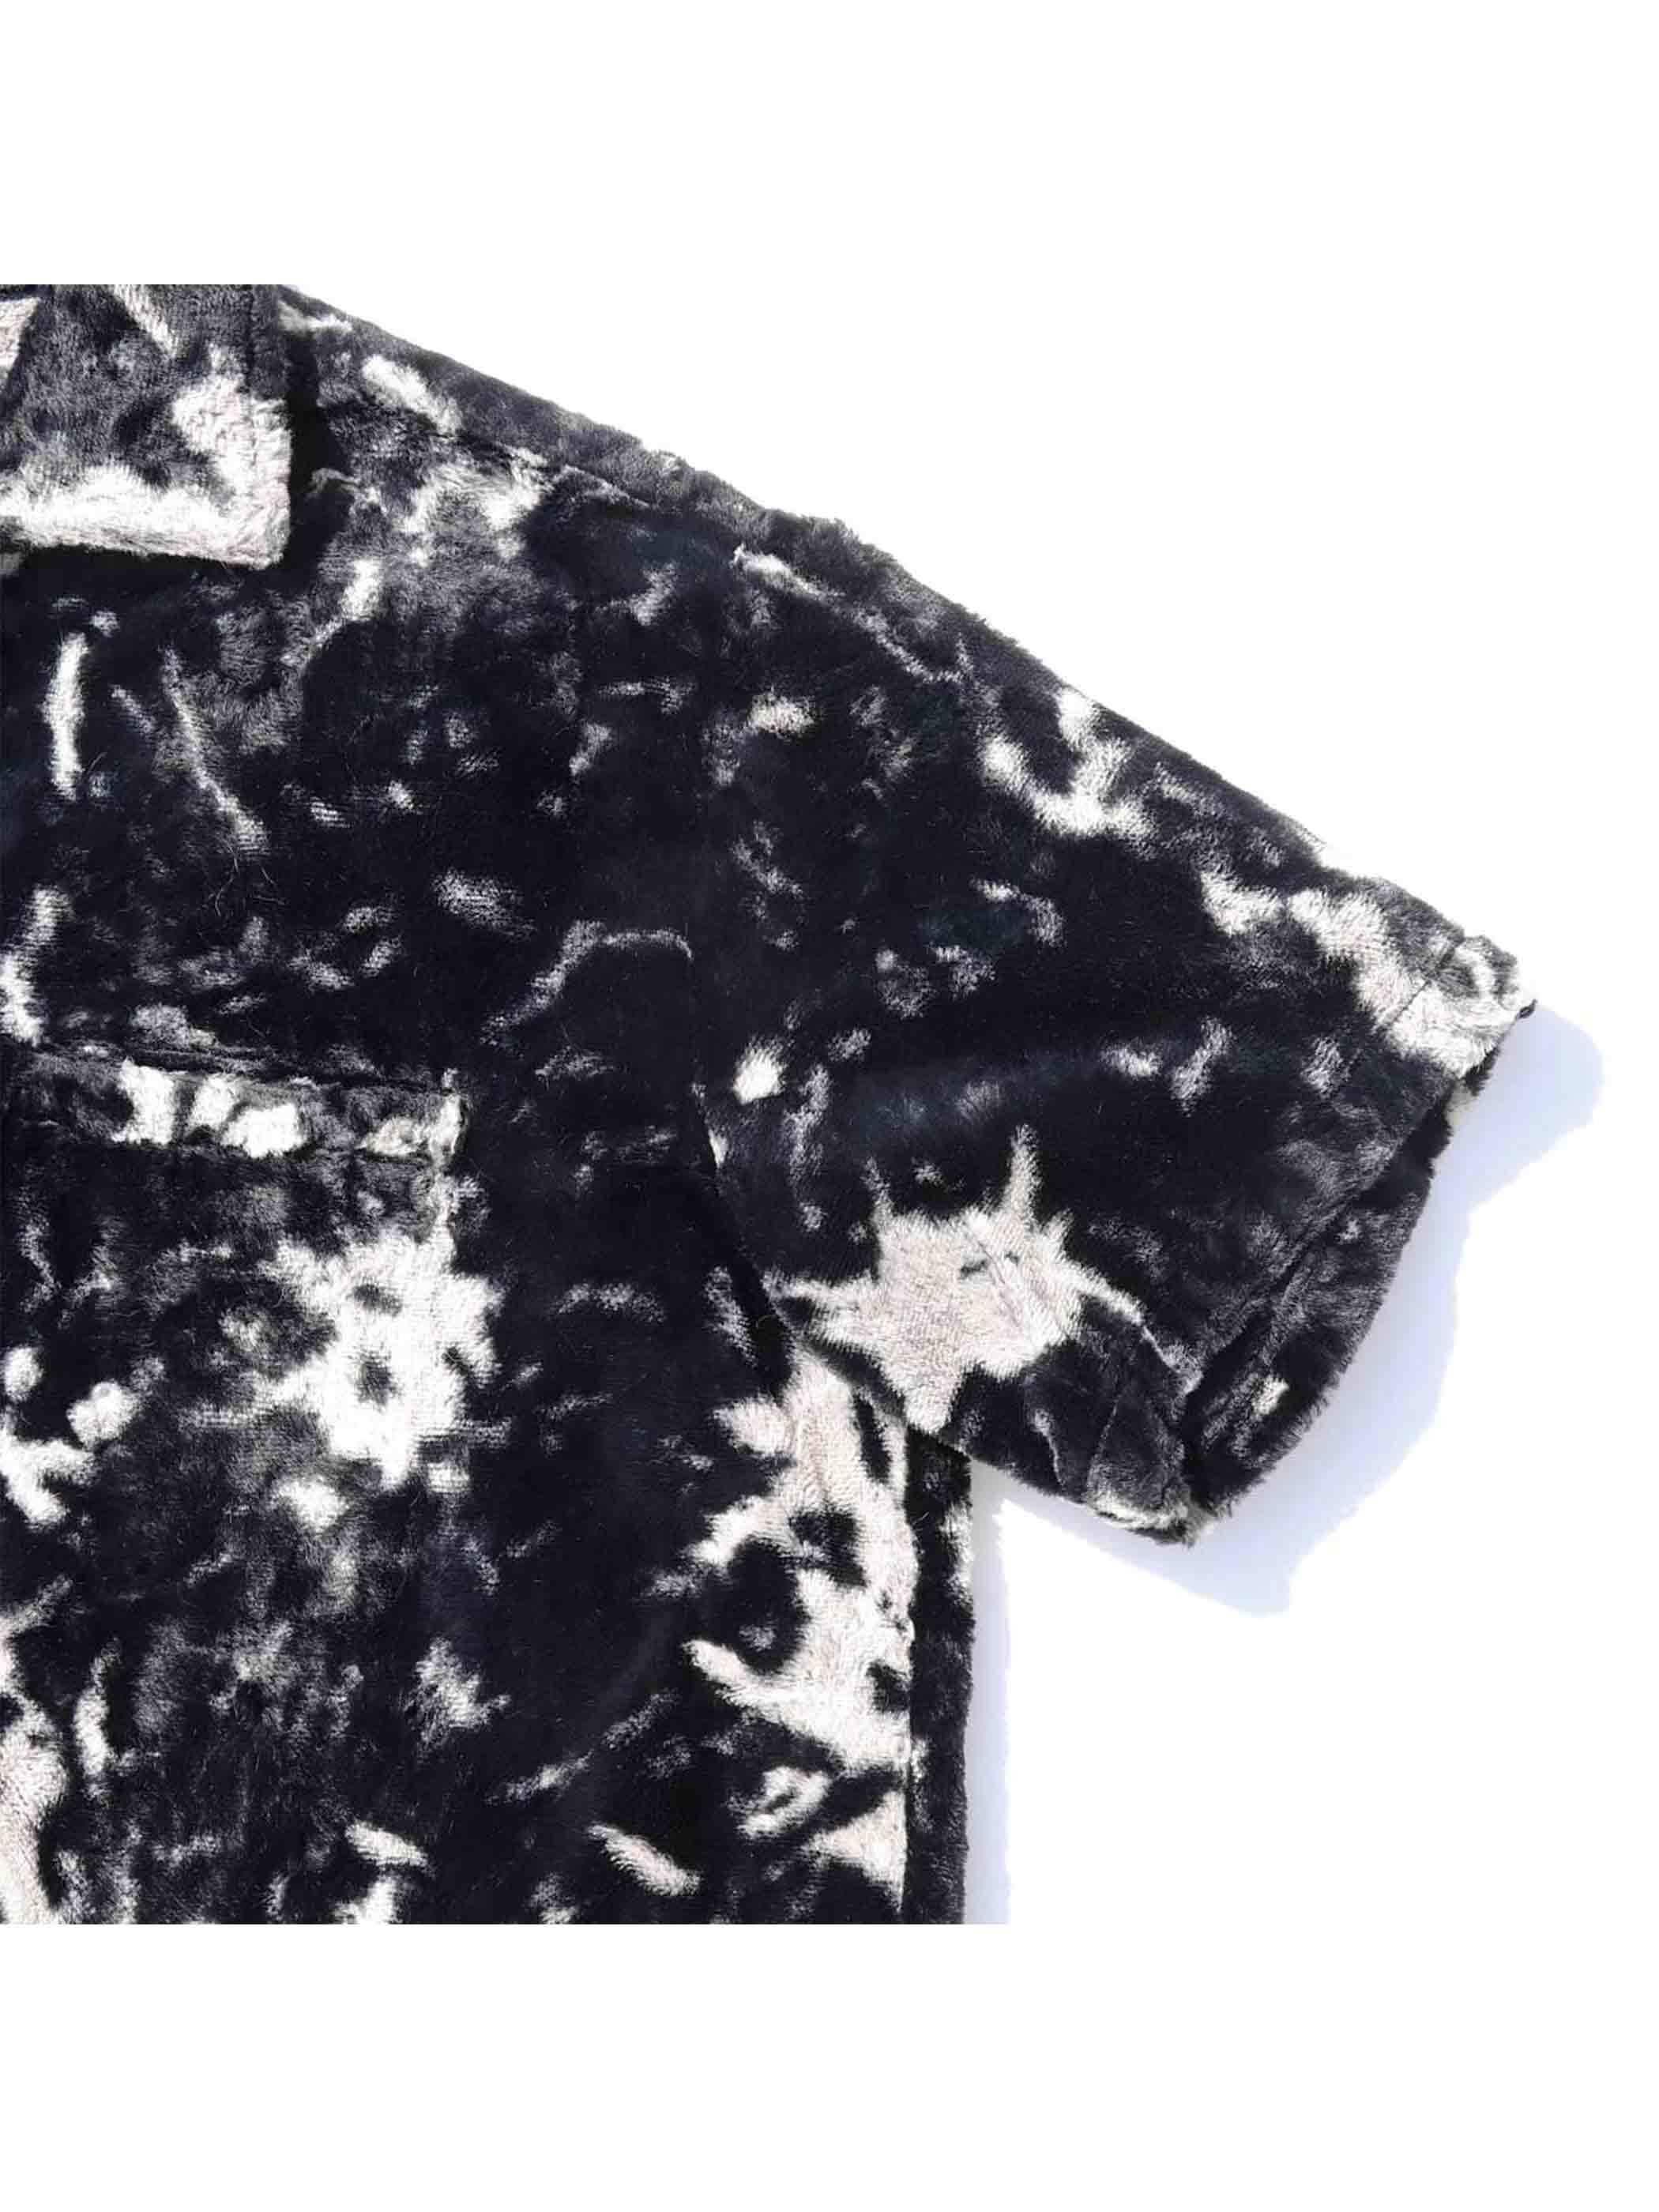 50's SIR GUY ブラック×ホワイト フェイクファー プルオーバーシャツ [M]